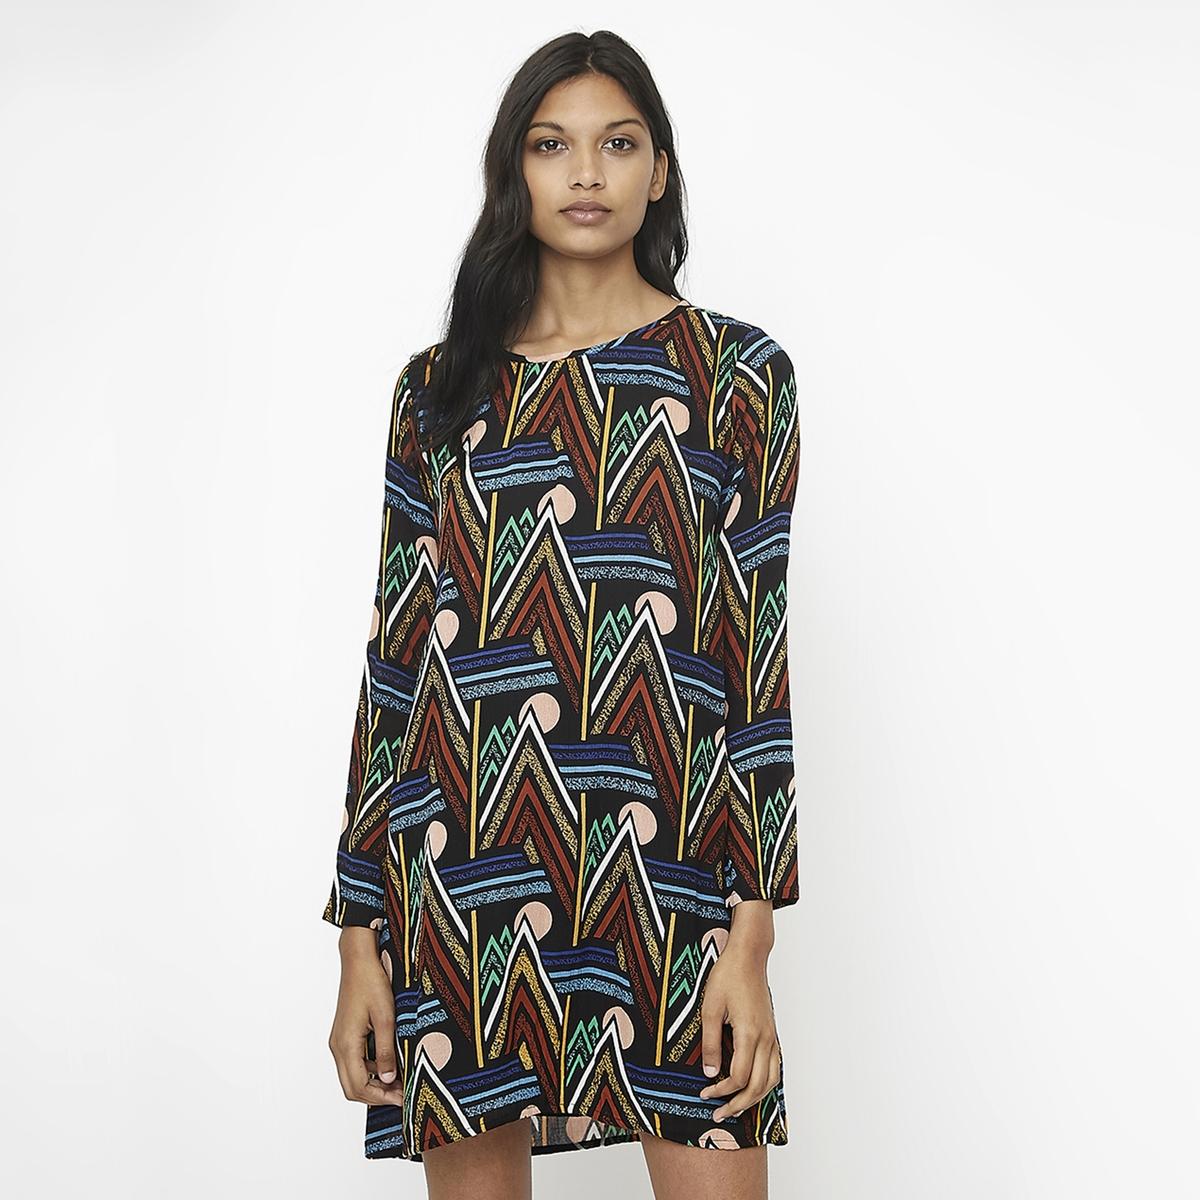 Платье La Redoute Прямое короткое с графическим рисунком из вискозы XS черный платье короткое с графическим рисунком без рукавов